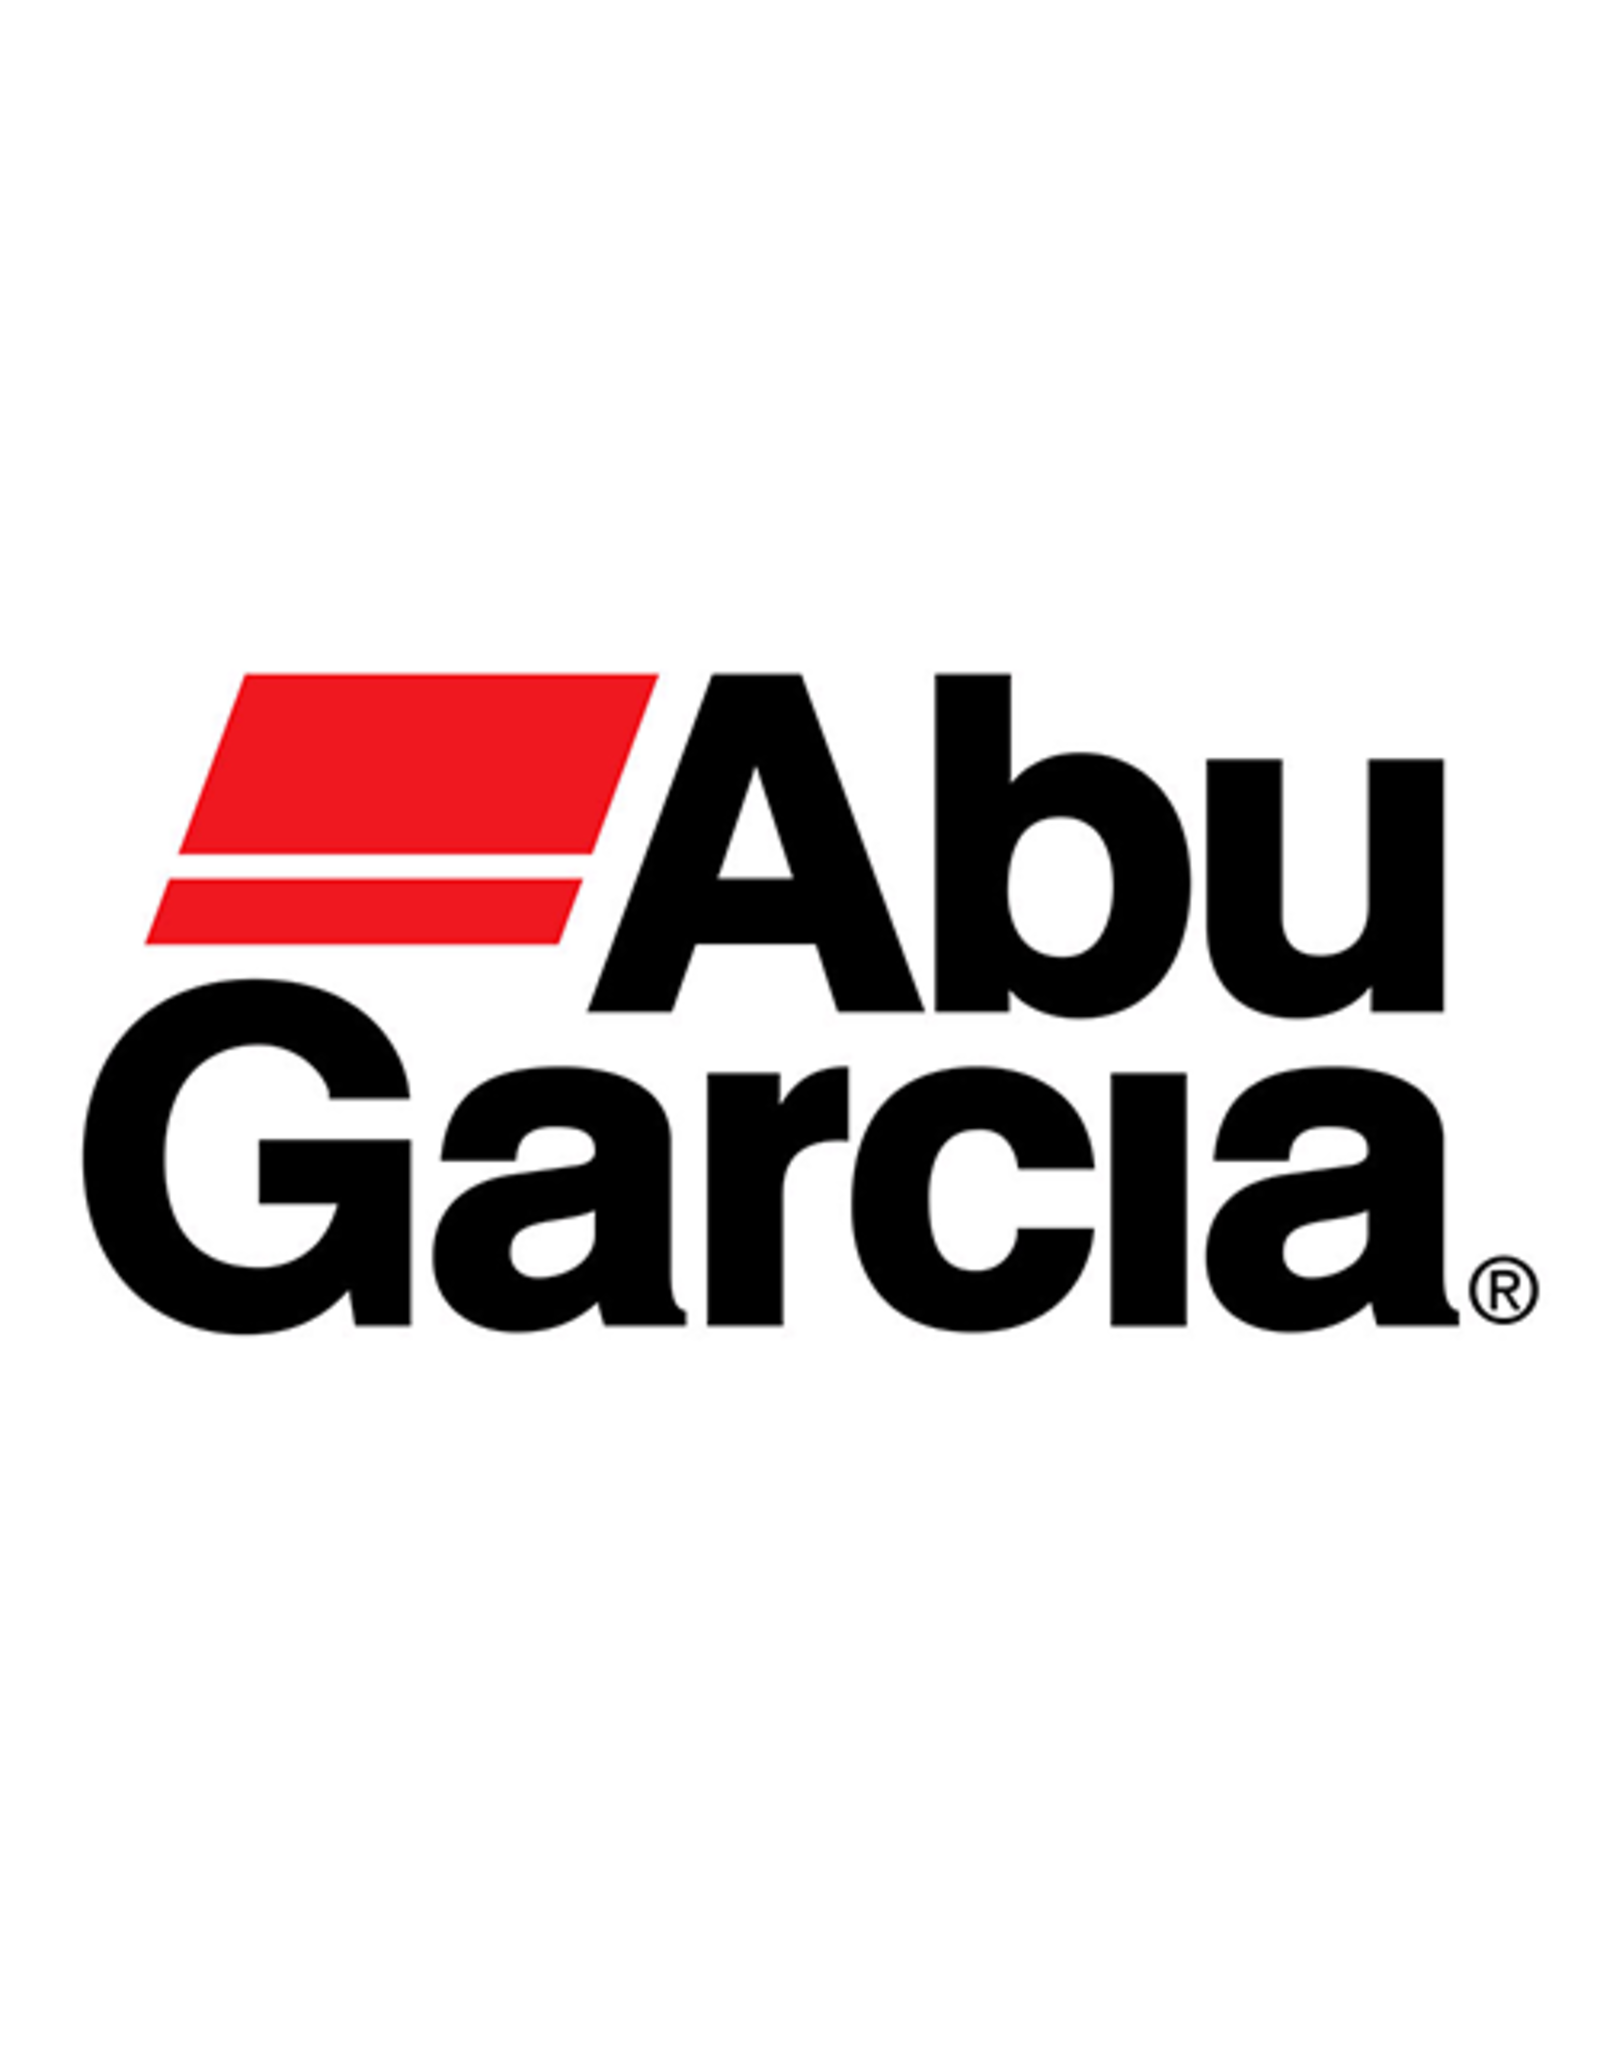 Abu Garcia BODY /NLA